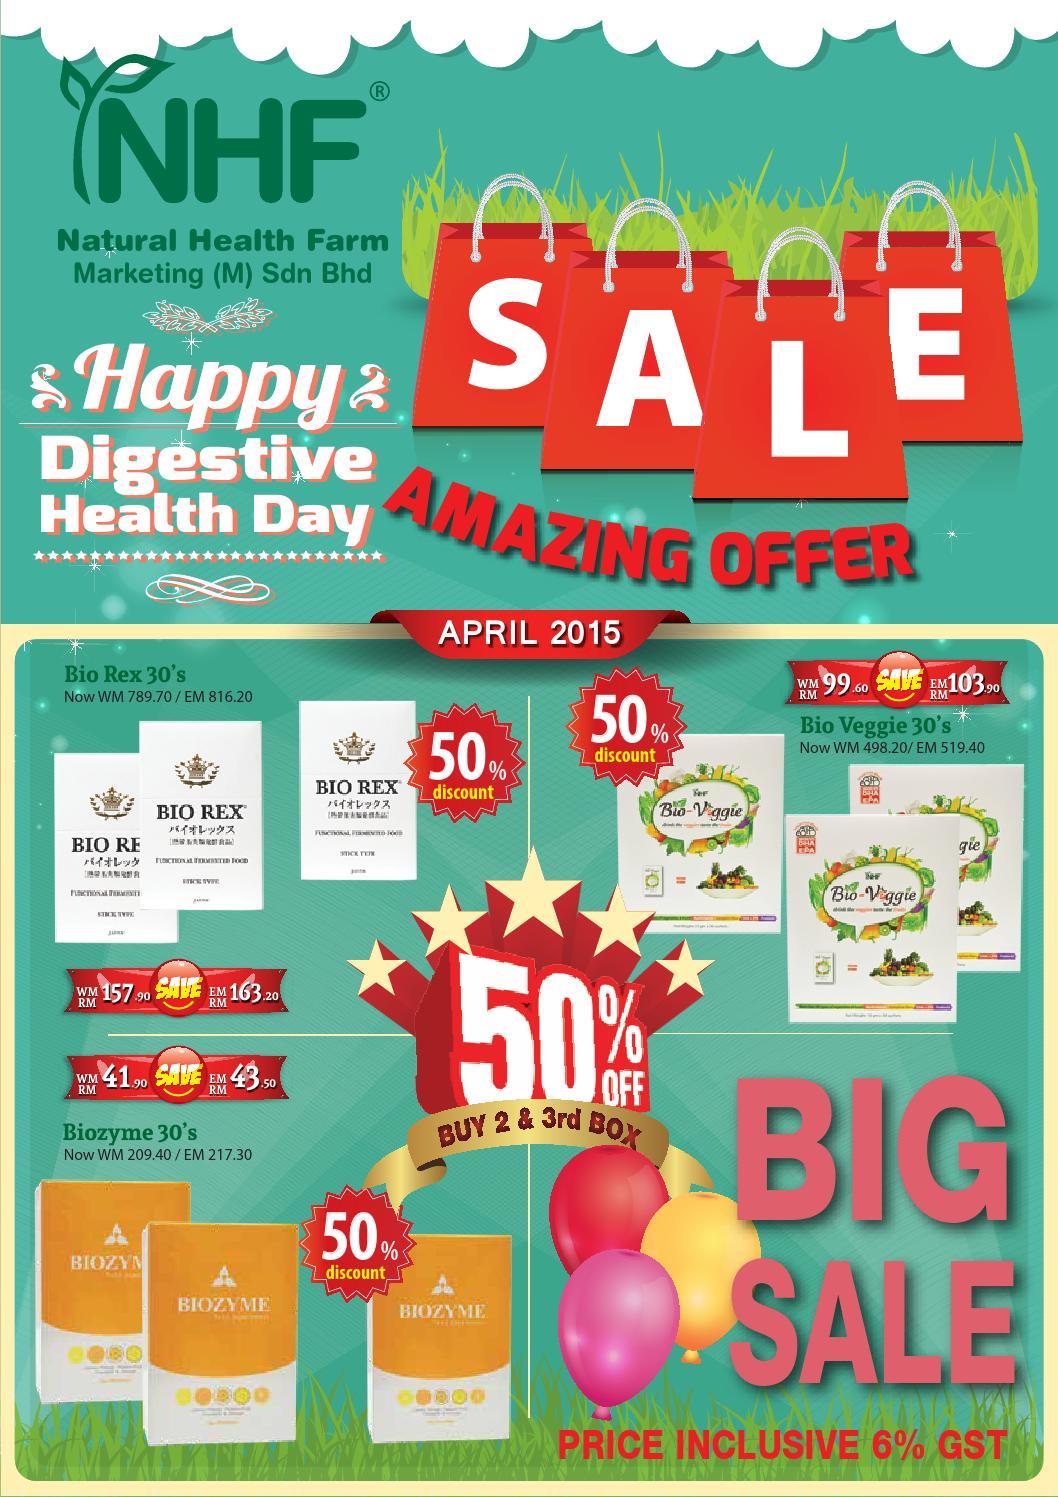 Natural Health Farm Marketing M Sdn Bhd